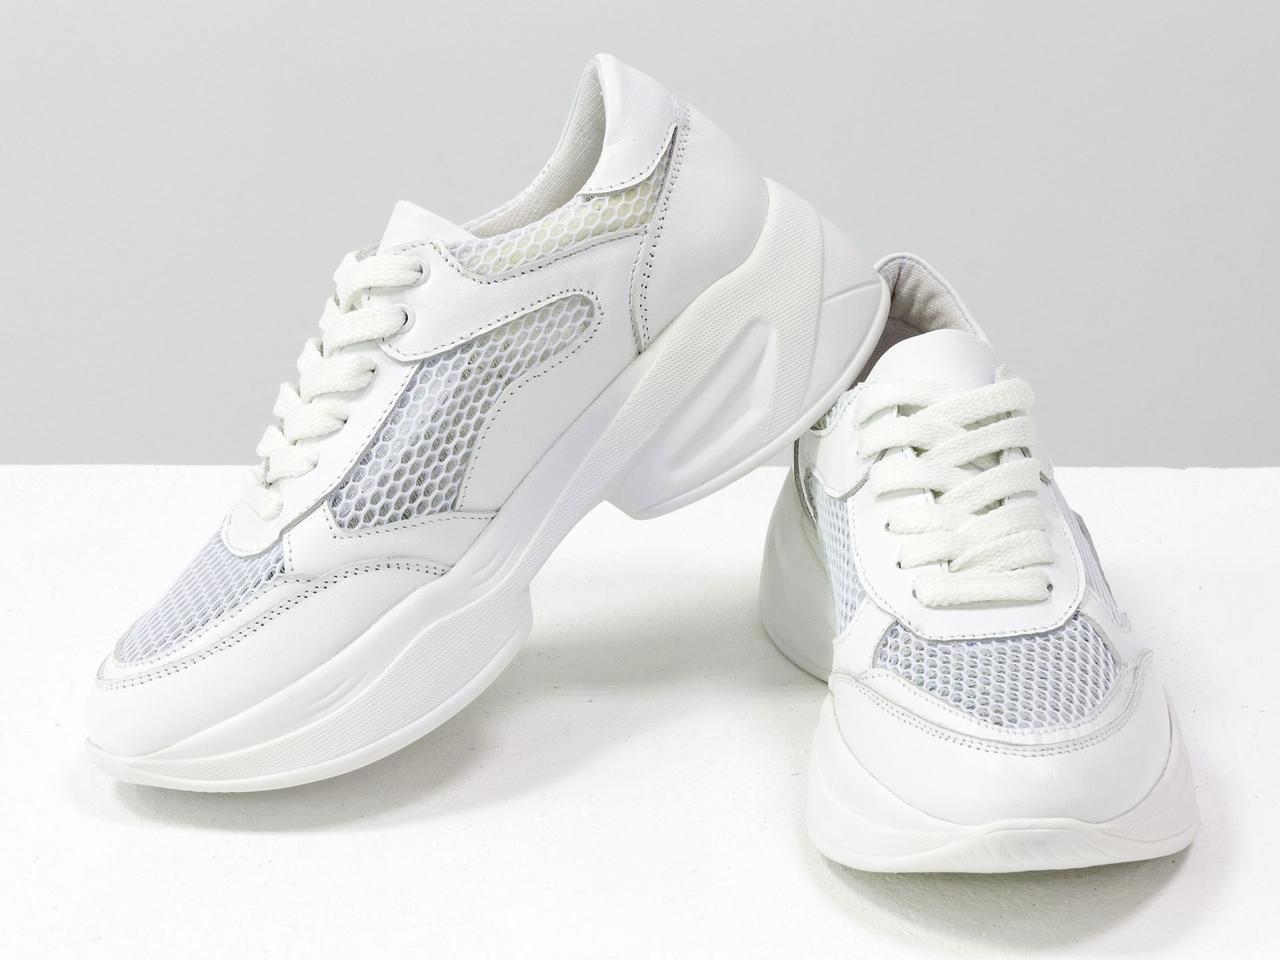 Белые базовые летние кроссовки из натуральной итальянской кожи, с дышащими выставками крупного сечения